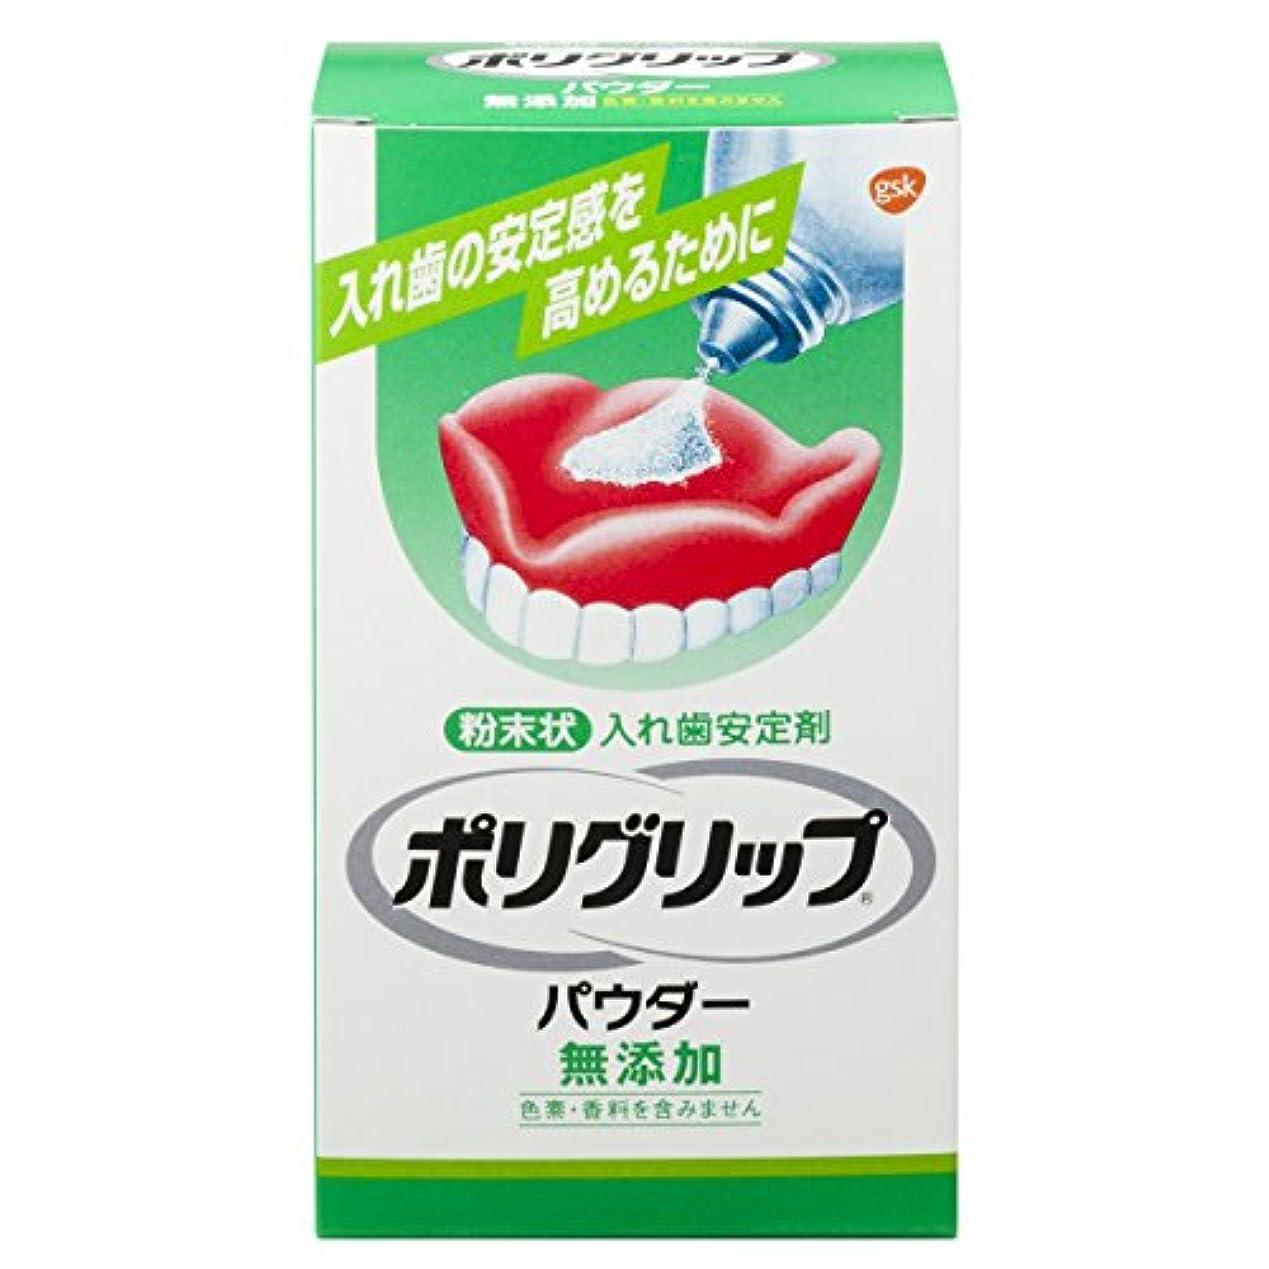 テクスチャー簡単なアレイ入れ歯安定剤 ポリグリップ パウダー無添加 50g